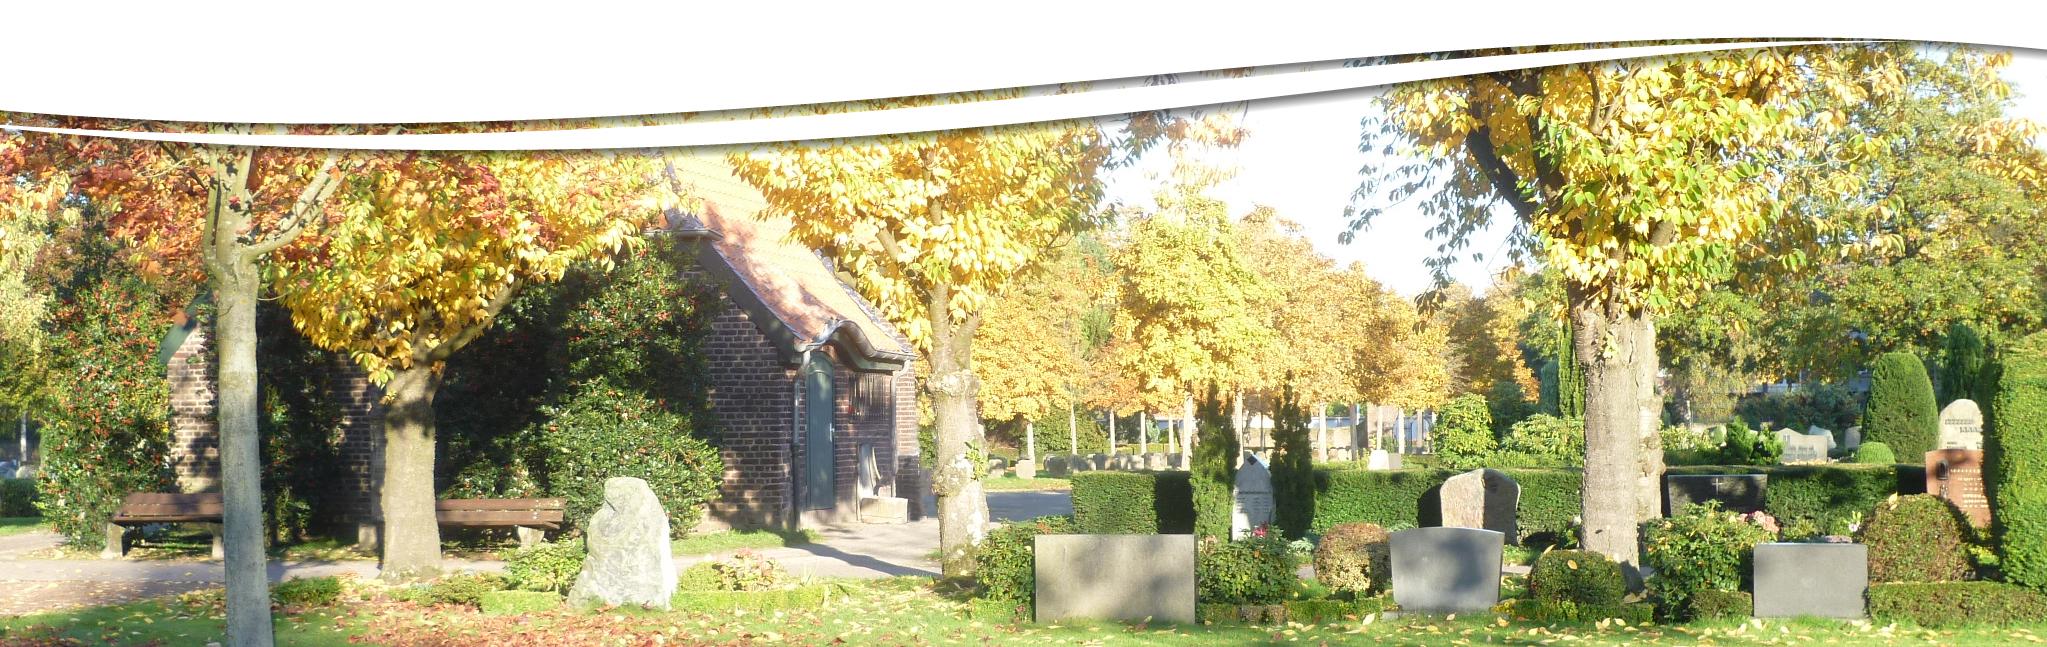 Bestattungshaus Broeckmann Bestattungsarten